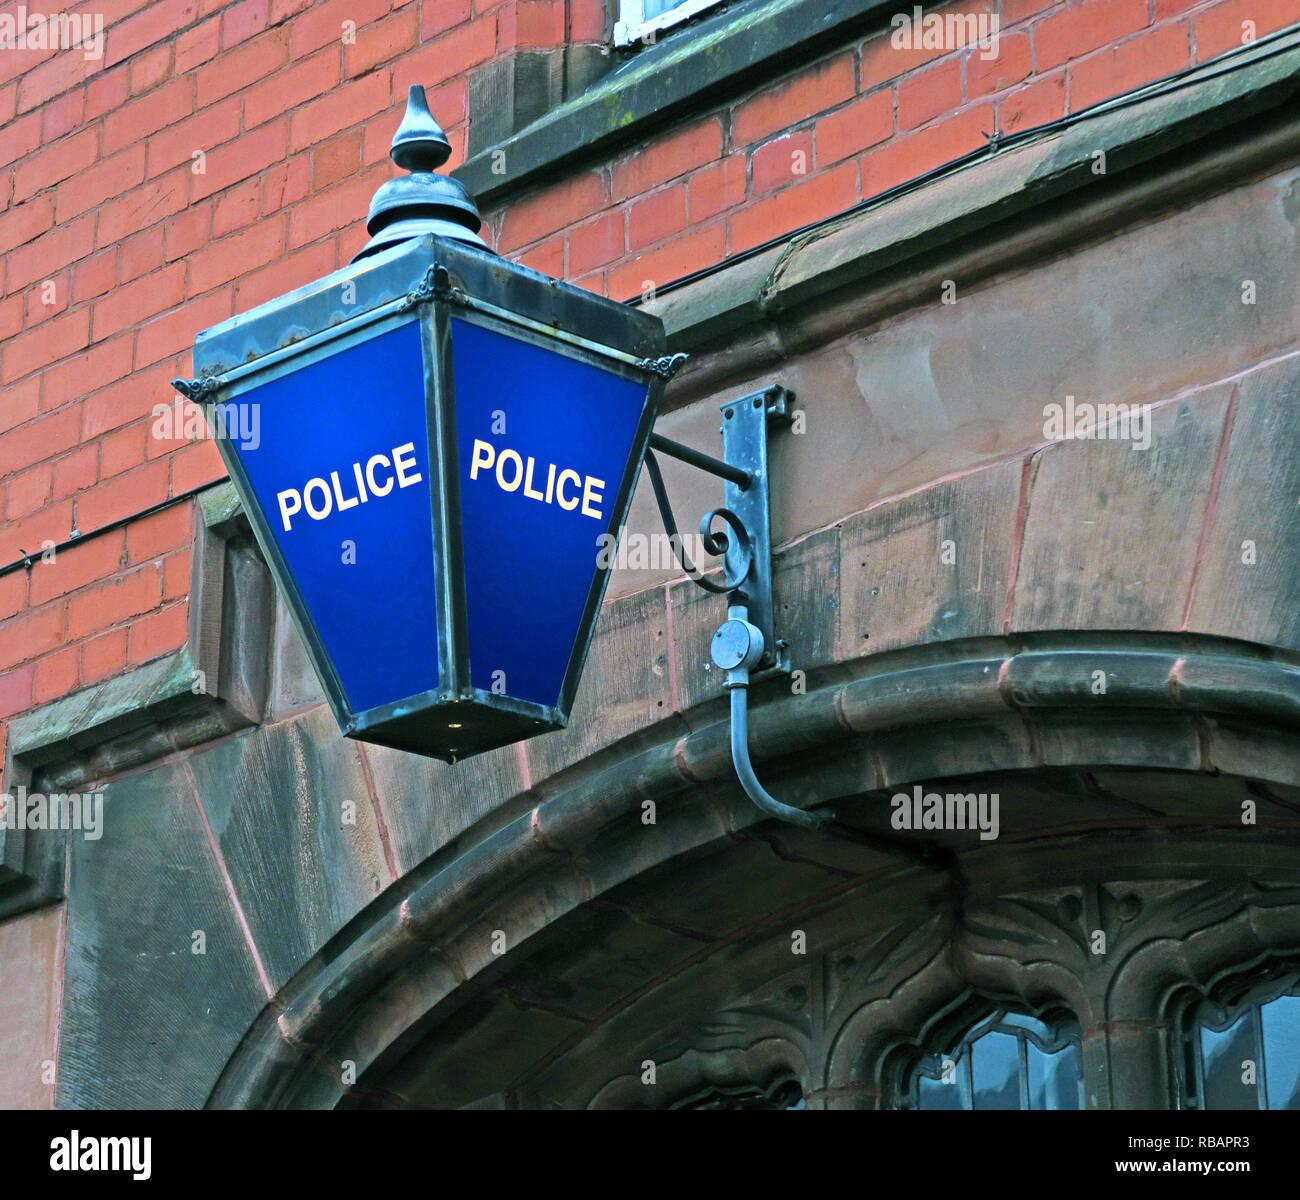 HotpixUK,@HotpixUK,UK,GoTonySmith,England,English,North West England,Blue,lamp,light,Warrington WA4 2AF,Grappenhall Road